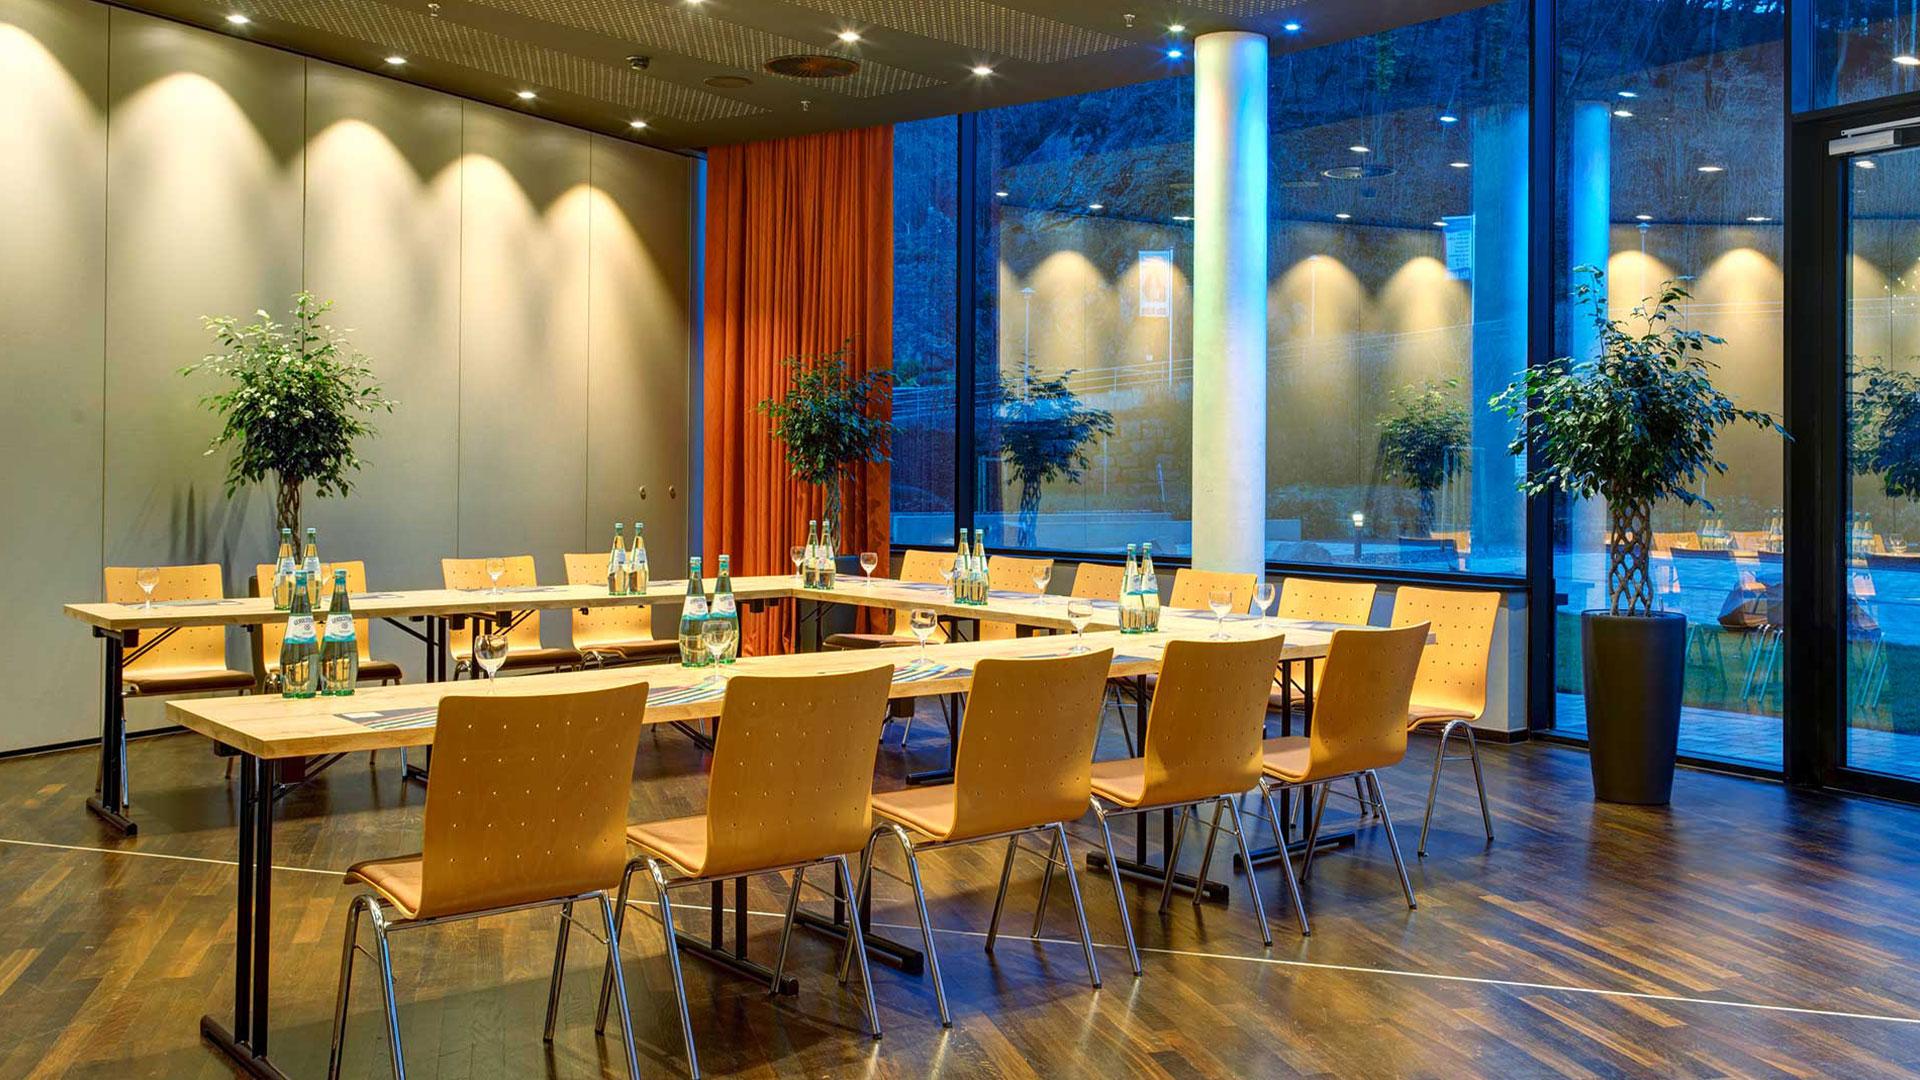 Foto vom Tagungsraum - 02 - Hanse Hotel Attendorn